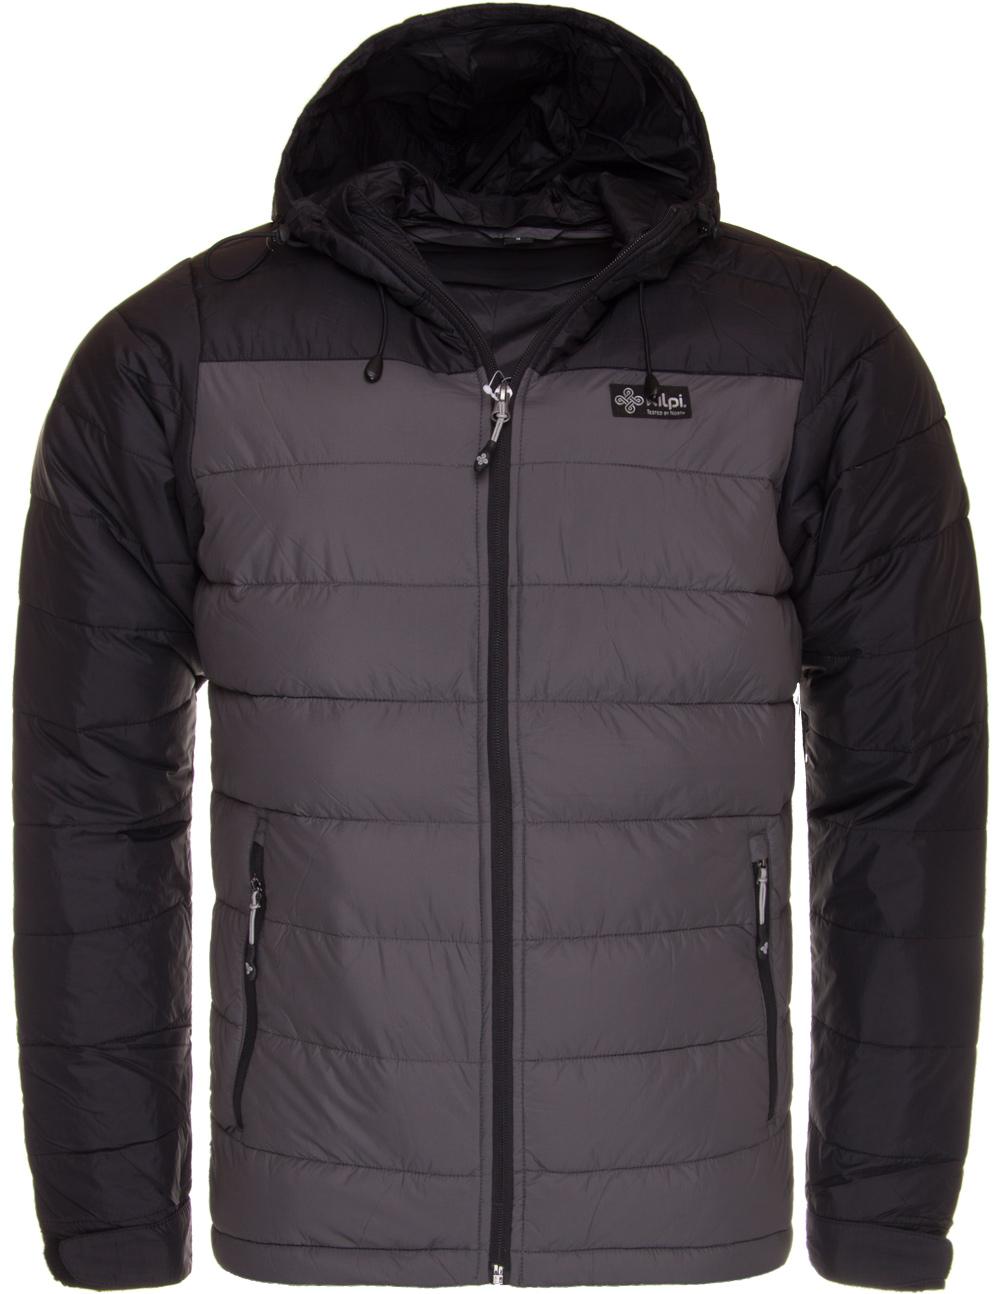 Zimní péřová bunda pánská Kilpi SVALBARD-M